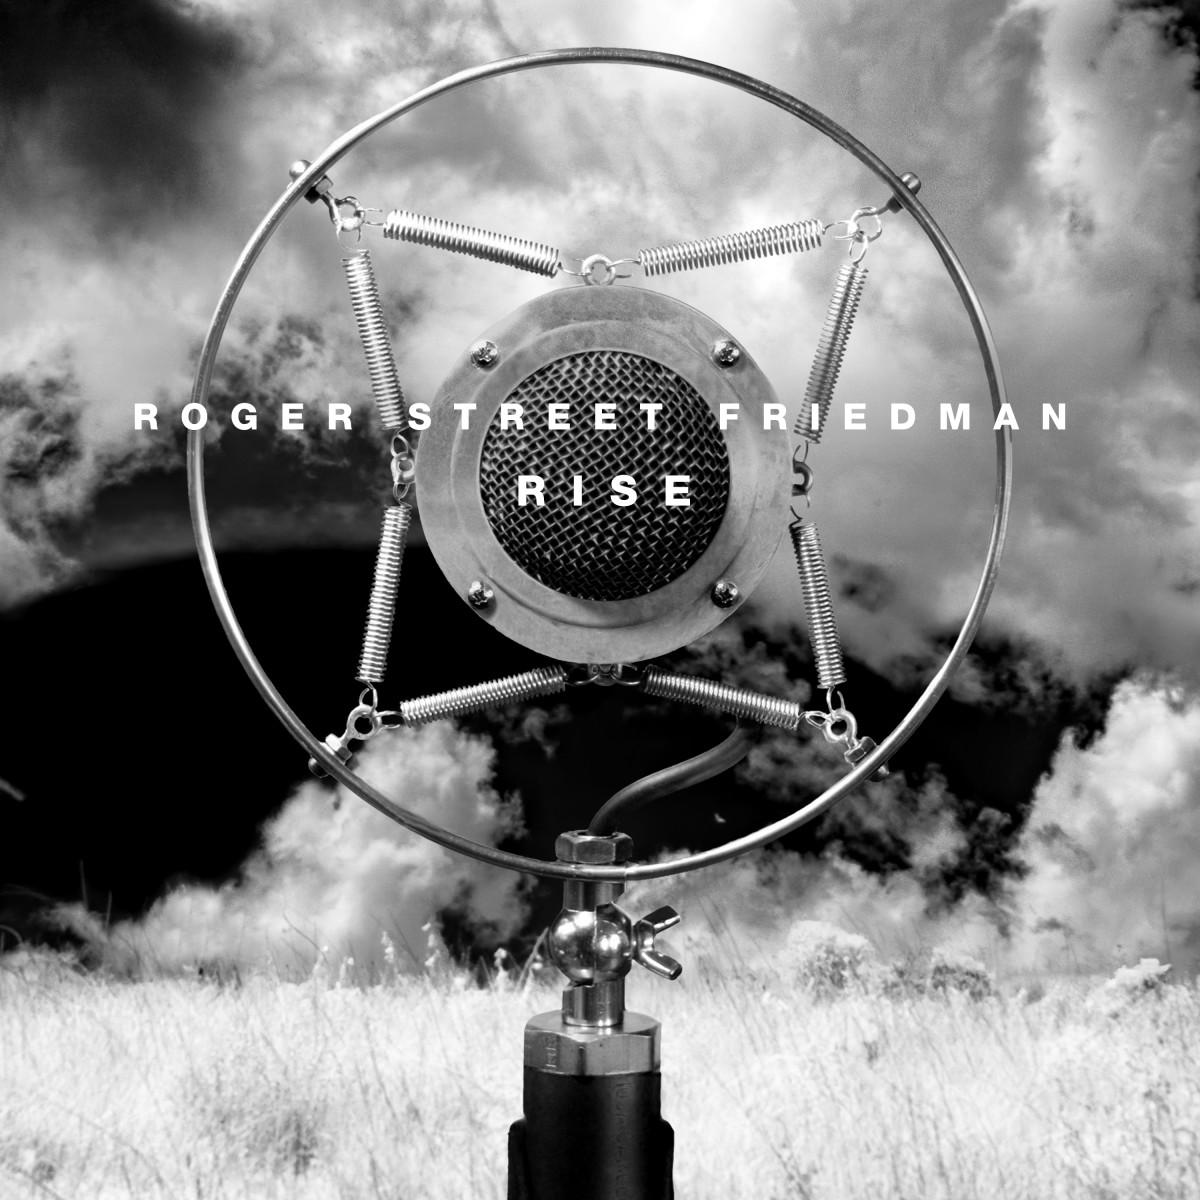 RogerStreetFriedman_Rise_coverart